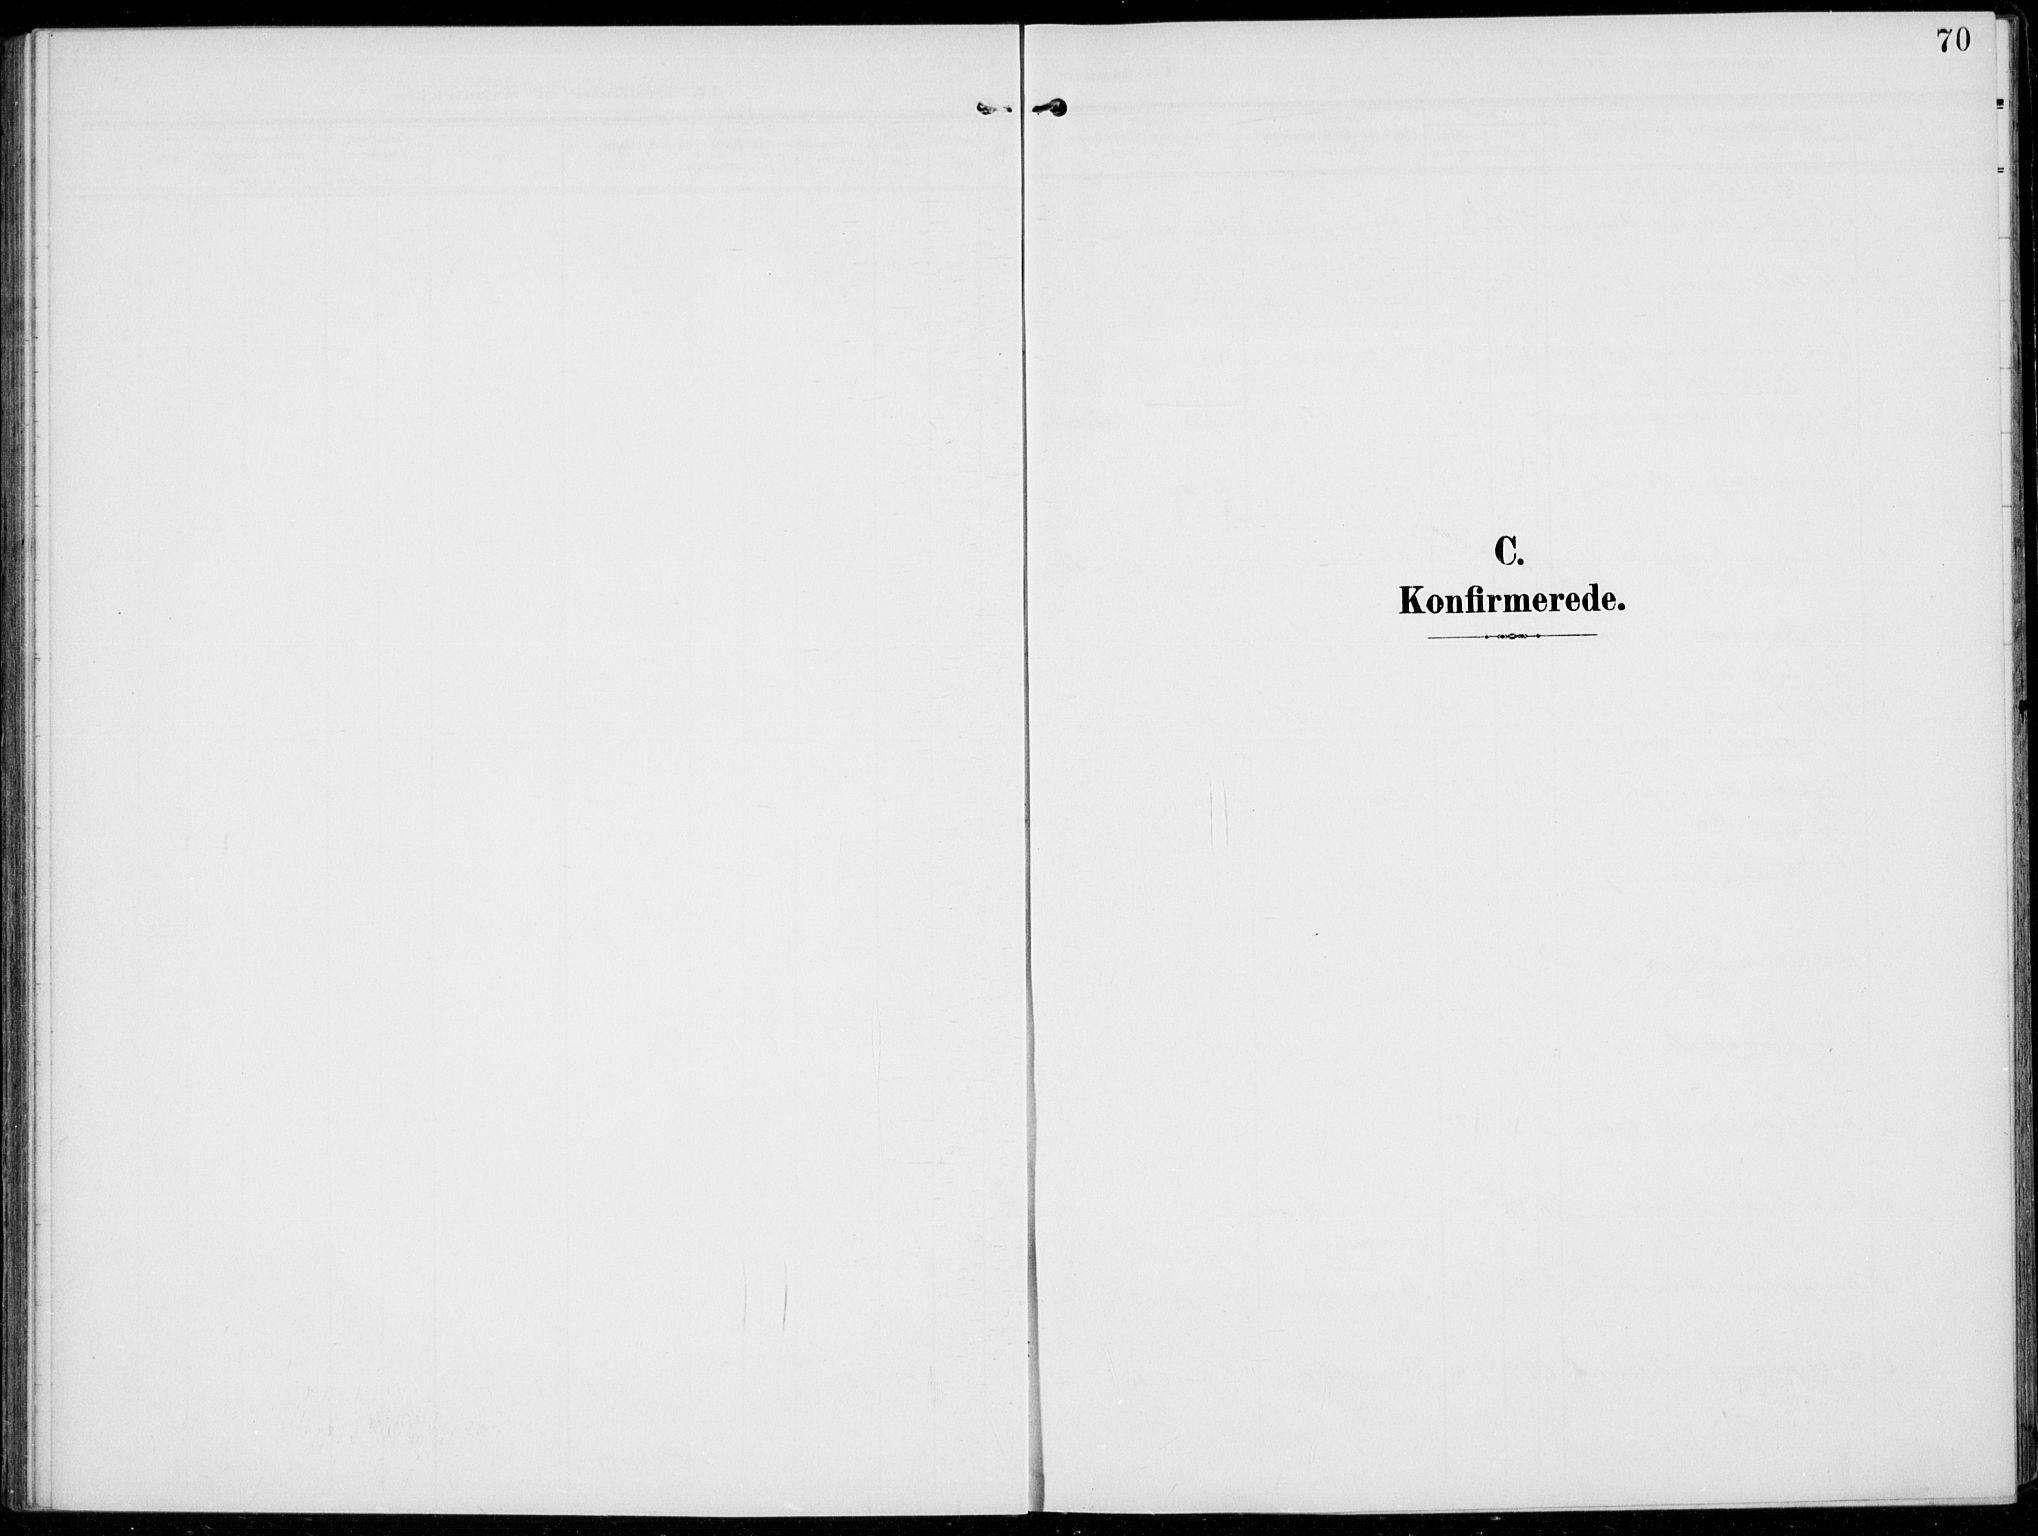 SAH, Kolbu prestekontor, Ministerialbok nr. 1, 1907-1923, s. 70